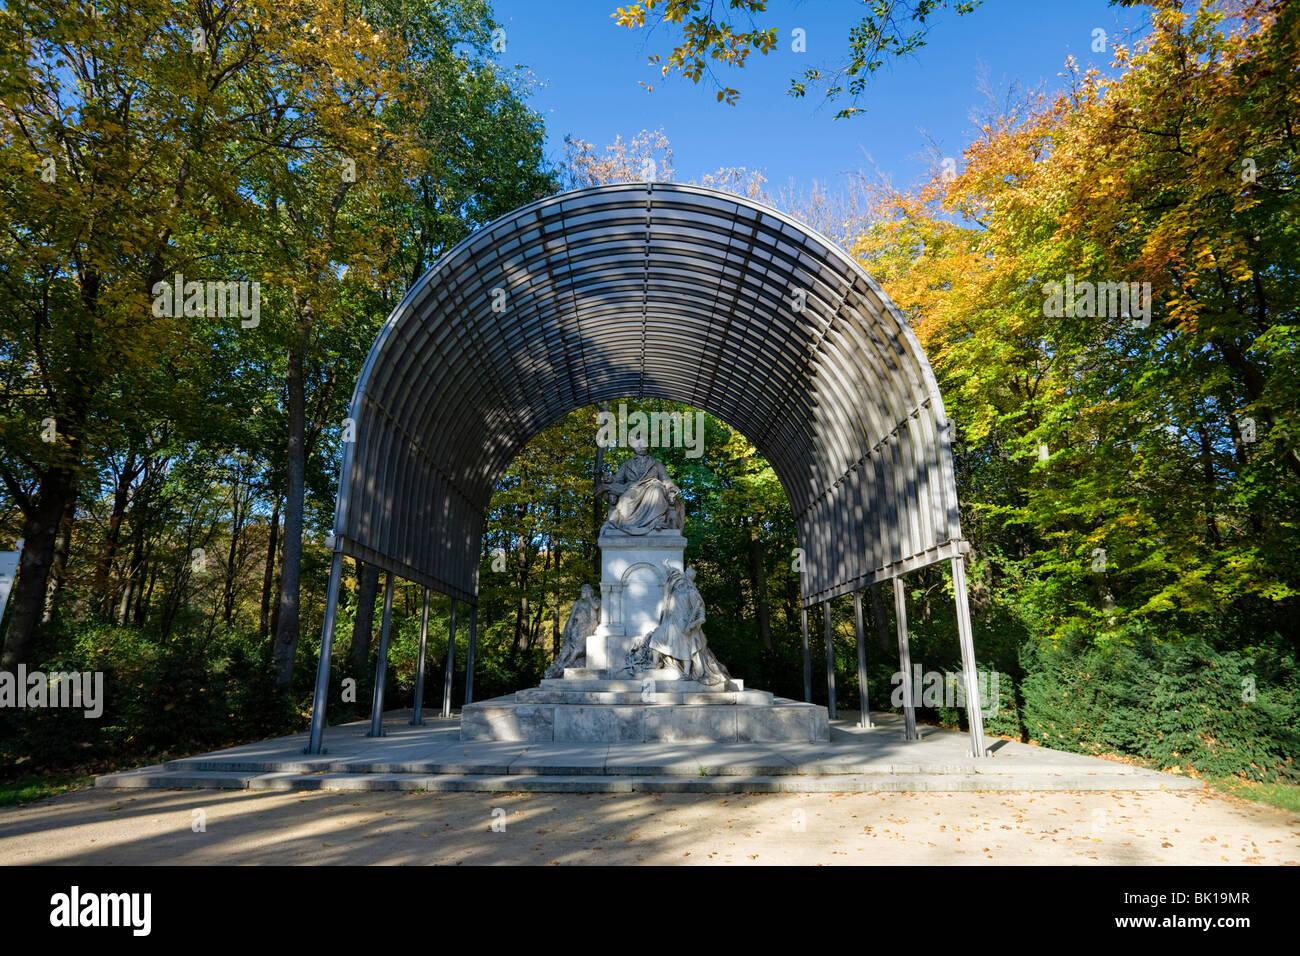 Memorial to Richard Wagner, Grosser Tiergarten, Berlin, Germany - Stock Image